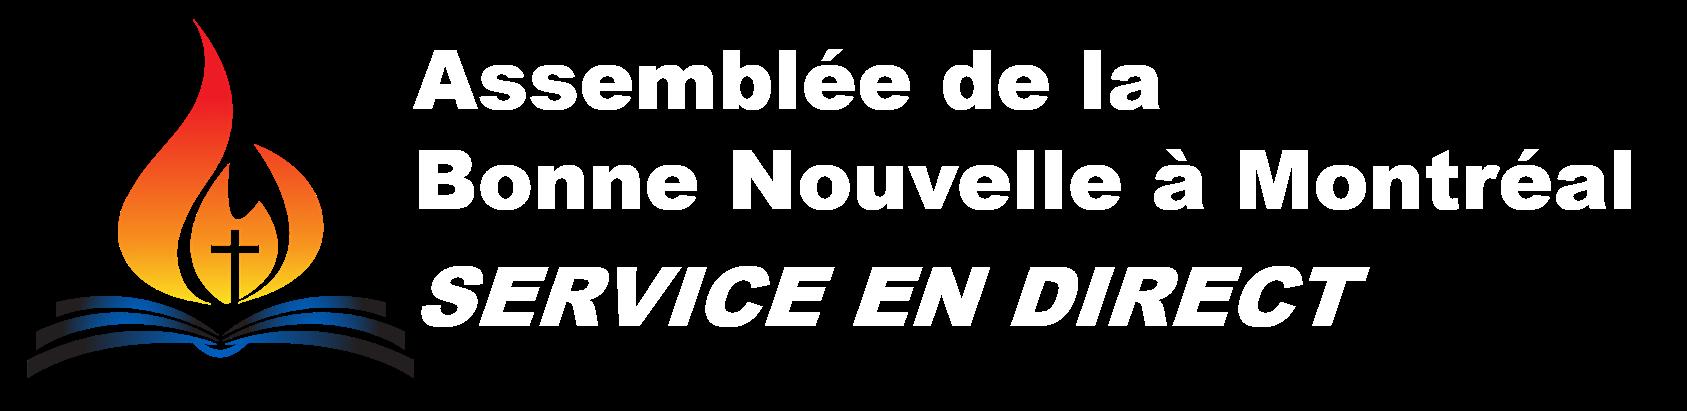 Assemblée de la Bonne Nouvelle à Montréal